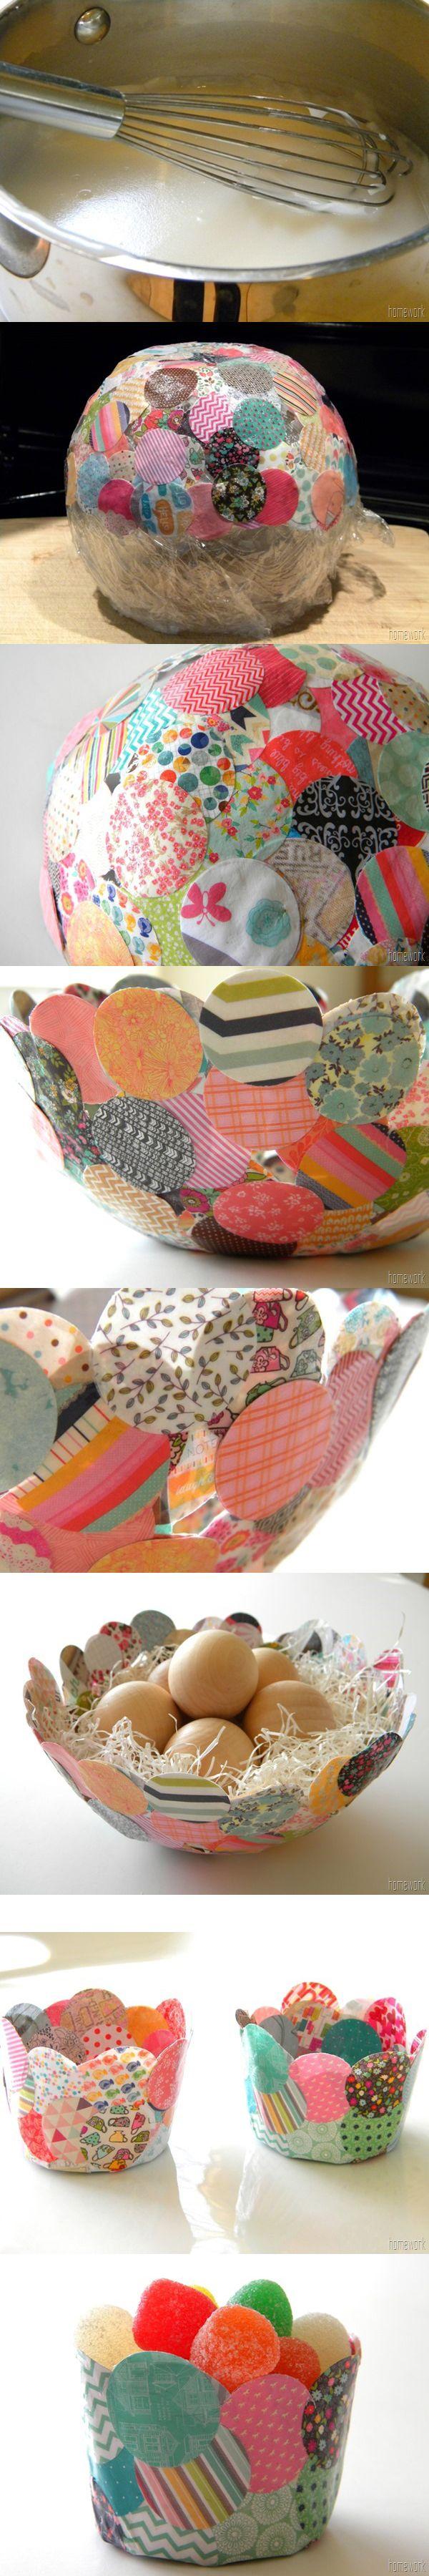 Original bol de confeti y papel maché